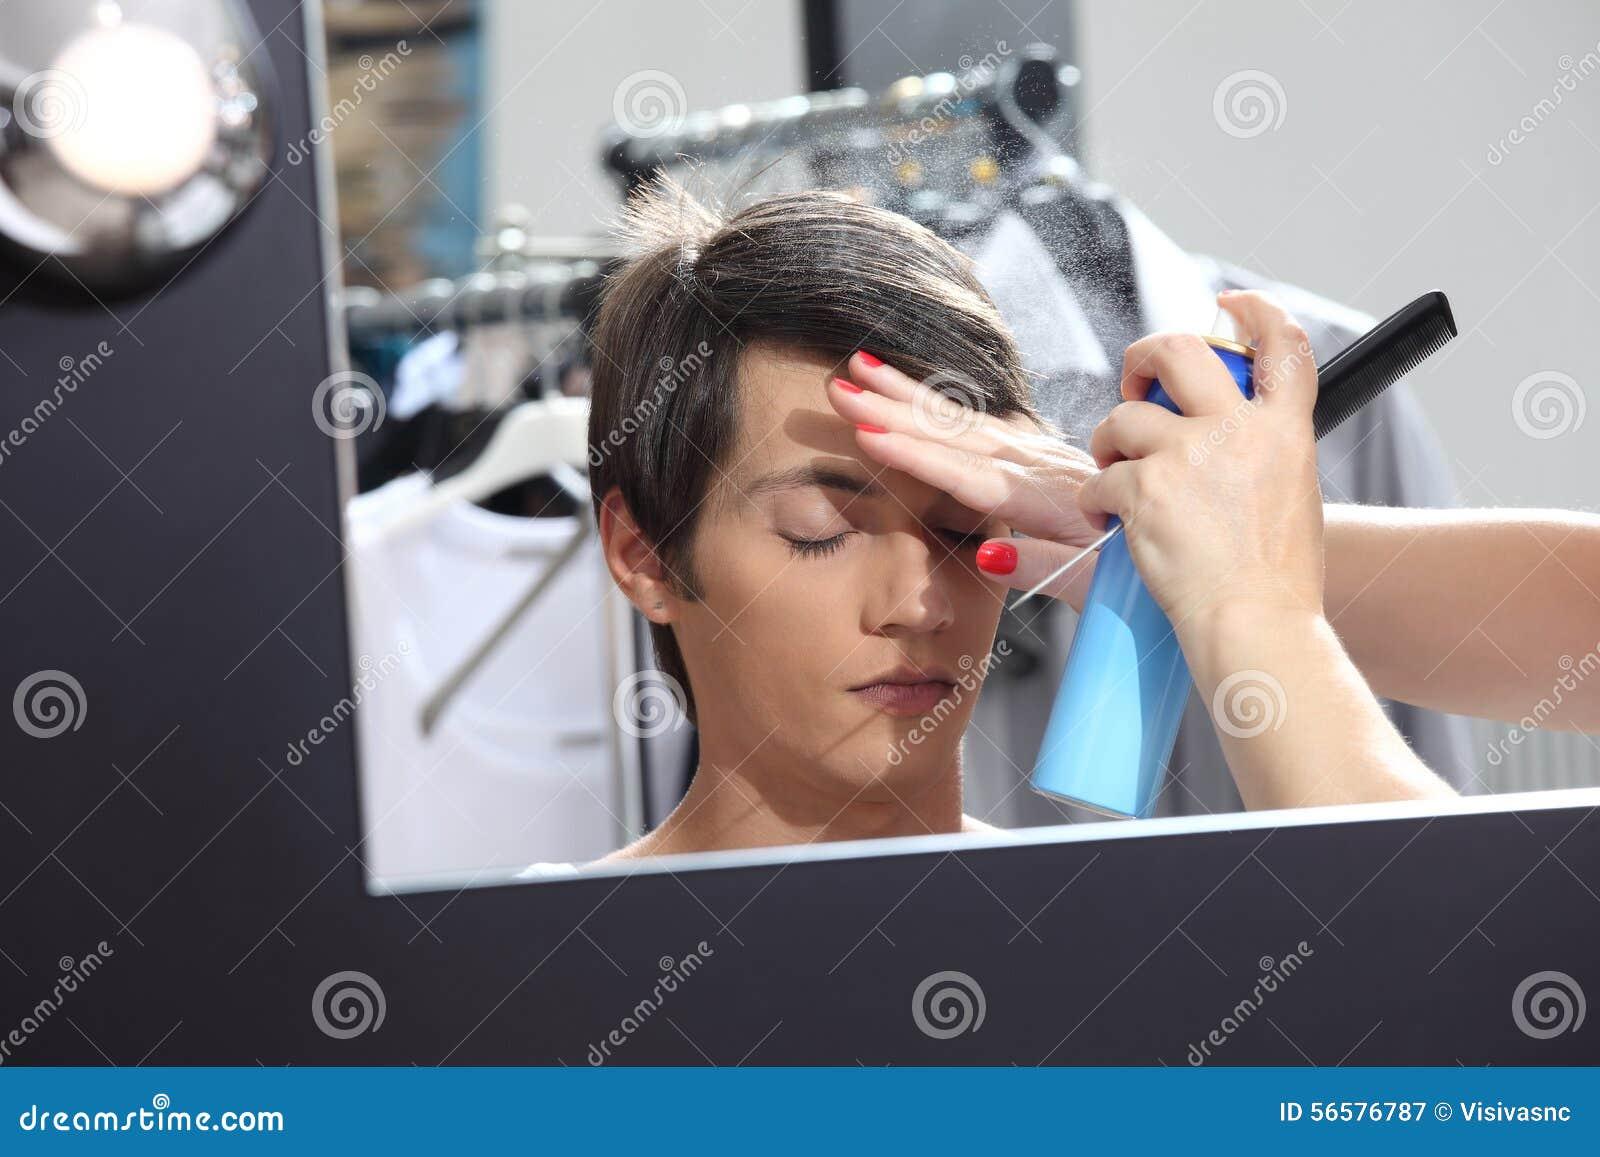 Composez le modèle au miroir dans le vestiaire, laque de pulvérisateurs